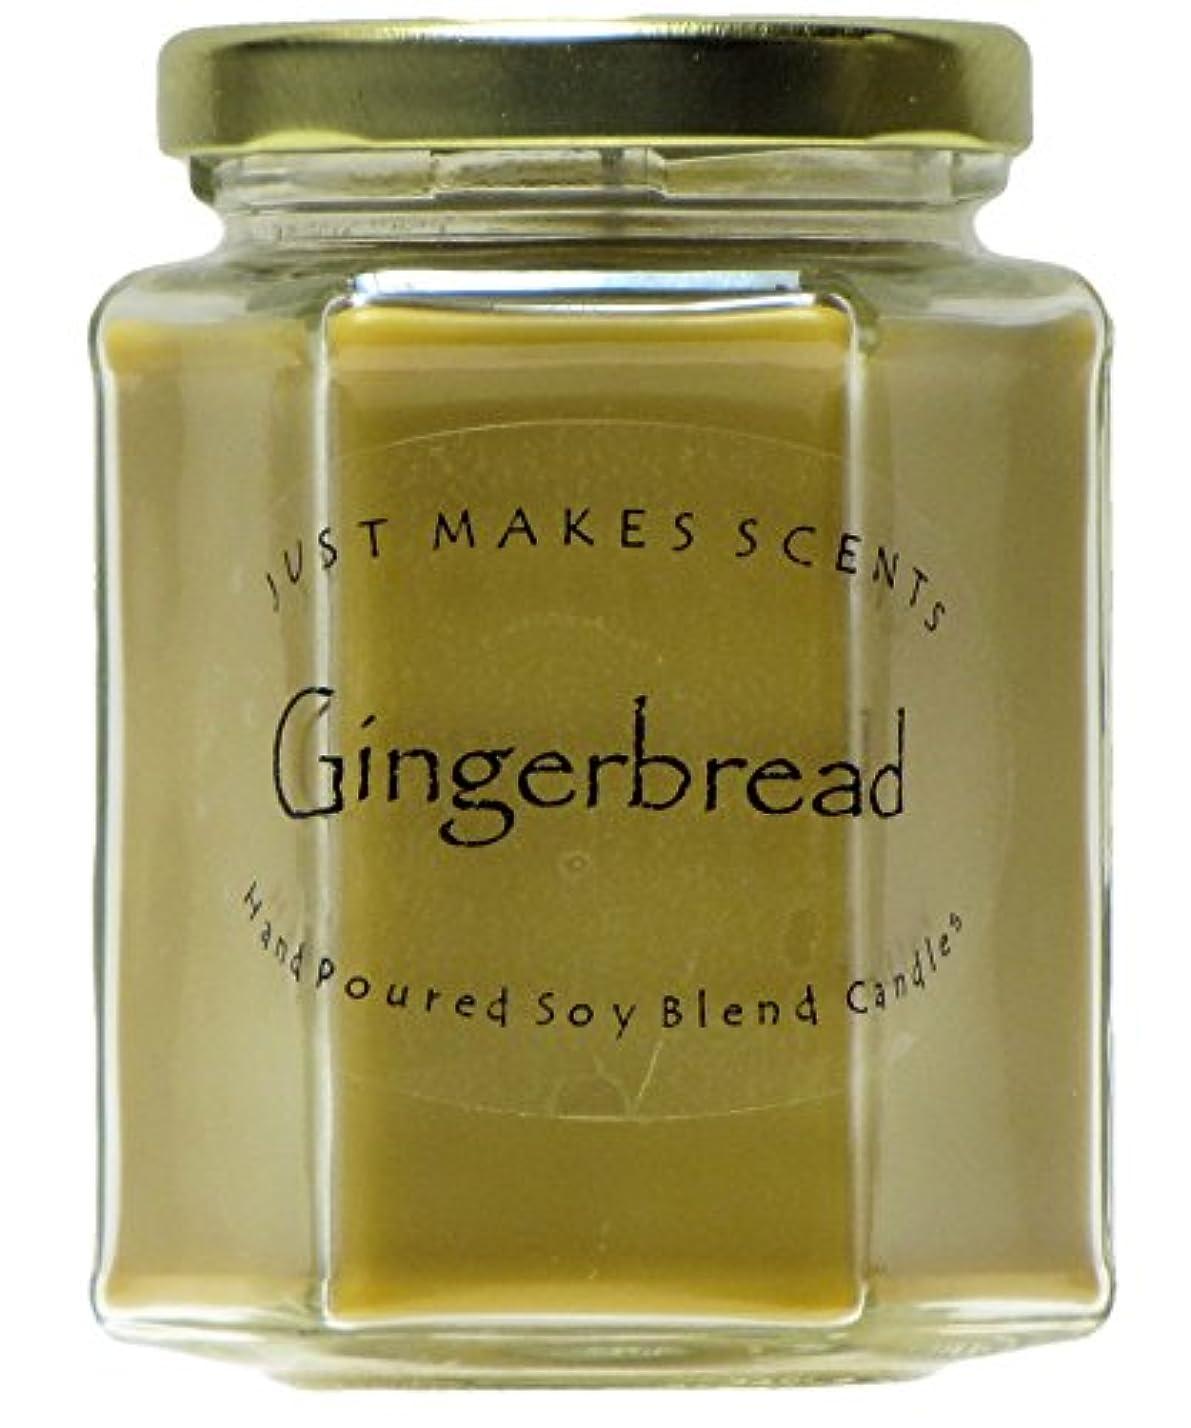 着飾るホイットニーテレックスGingerbread香りつきBlended Soy Candle by Just Makes Scents